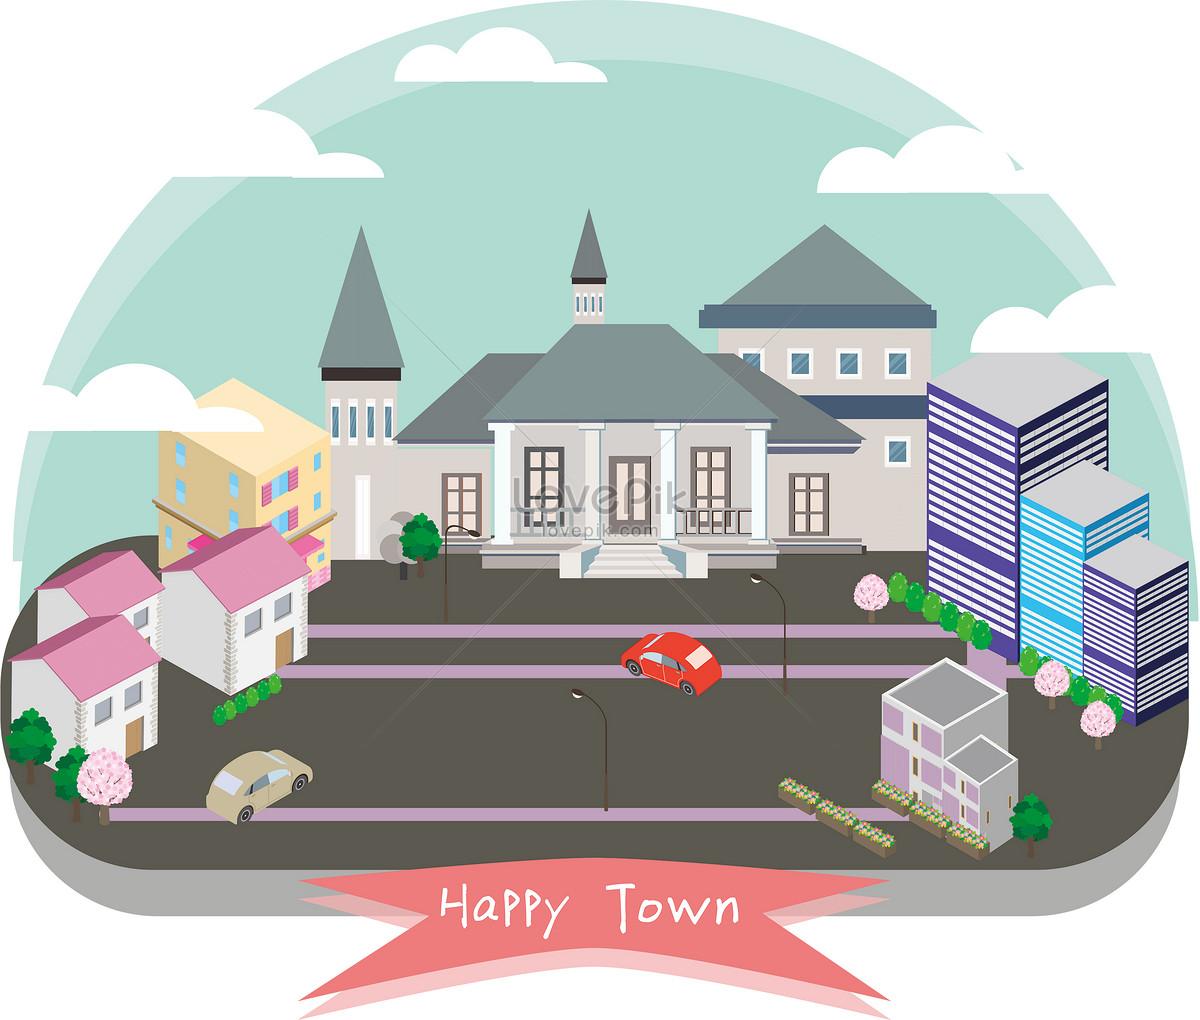 扁平城市矢量插画图片素材编号400100013_prf高清图片